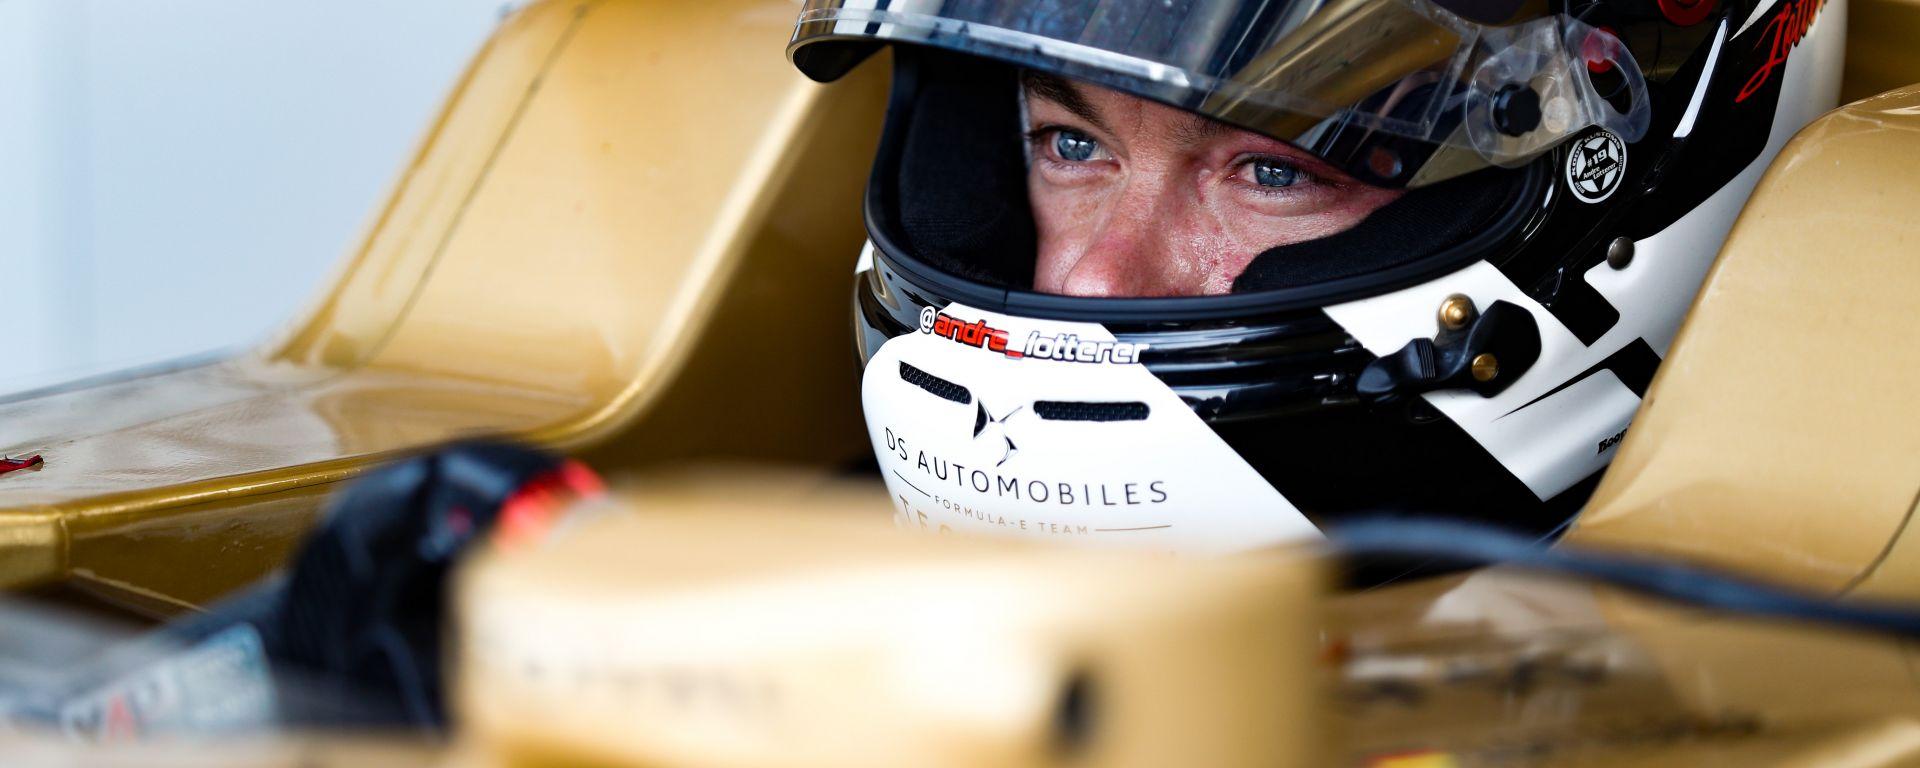 Monaco ePrix, Lotterer cerca il successo tra le strade di casa